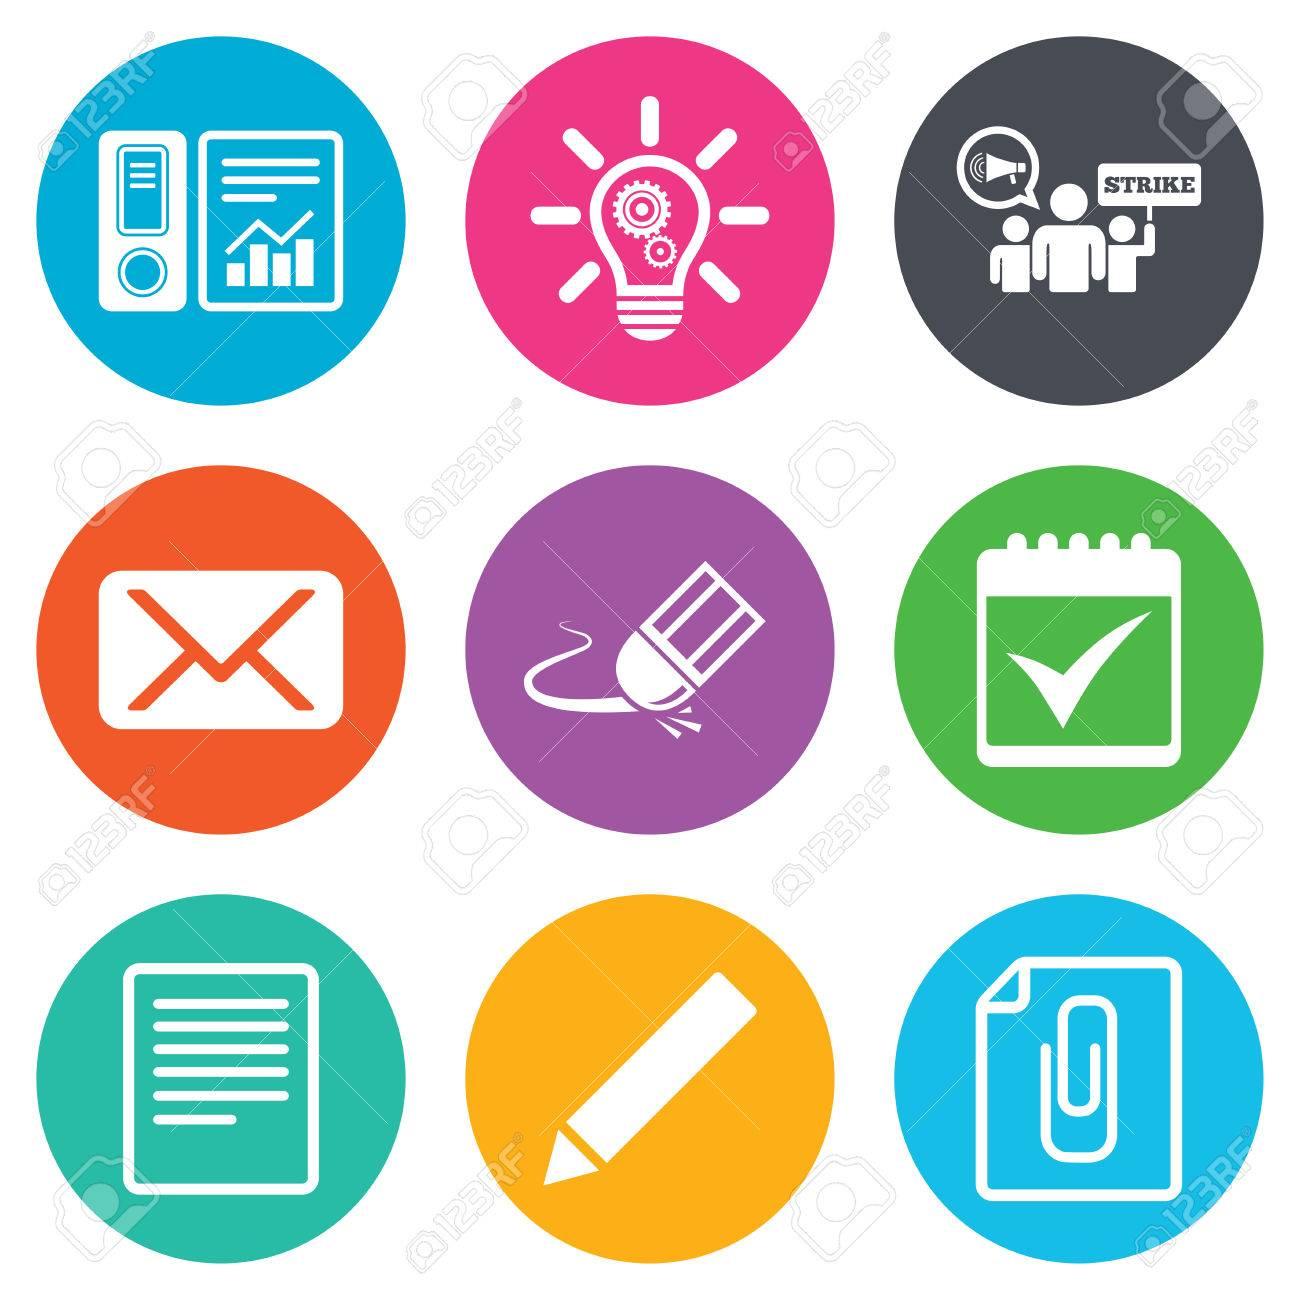 Office, documenti e icone del mondo  Contabilità, sciopero e del calendario  segni  Mail, idee e simboli statistiche  Piatti cerchio pulsanti  Vettore